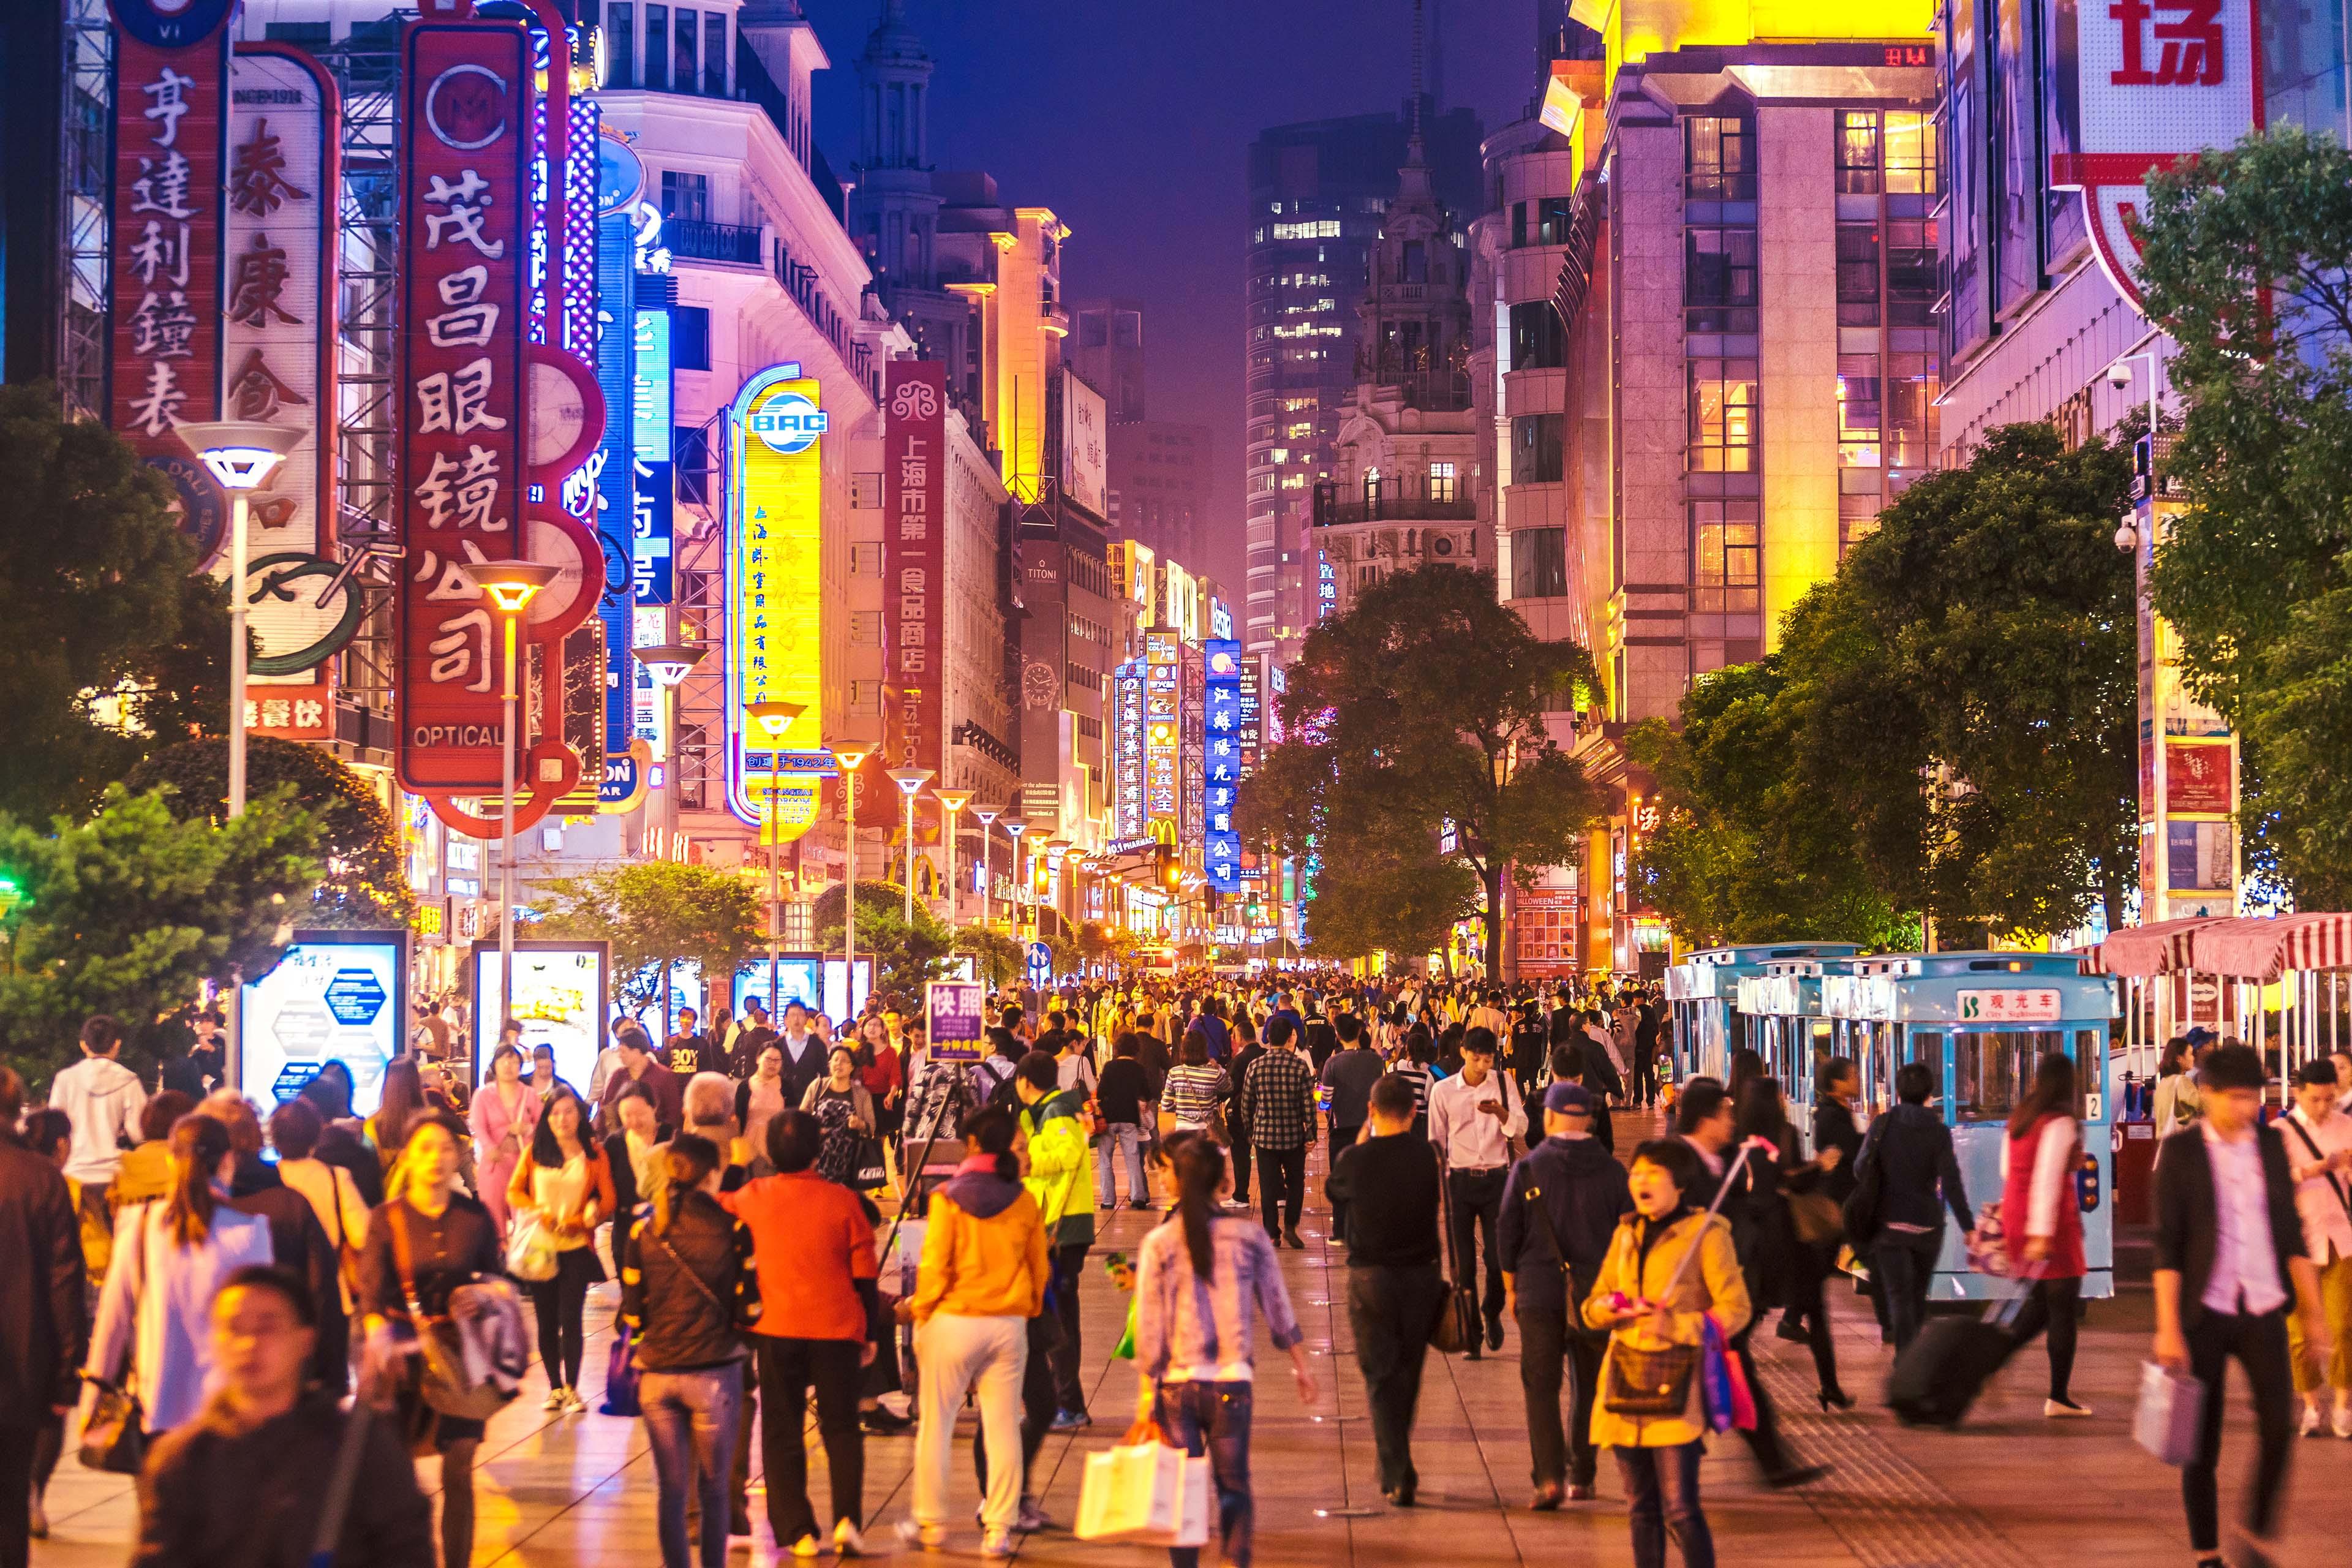 Crowds walk Nanjing Road